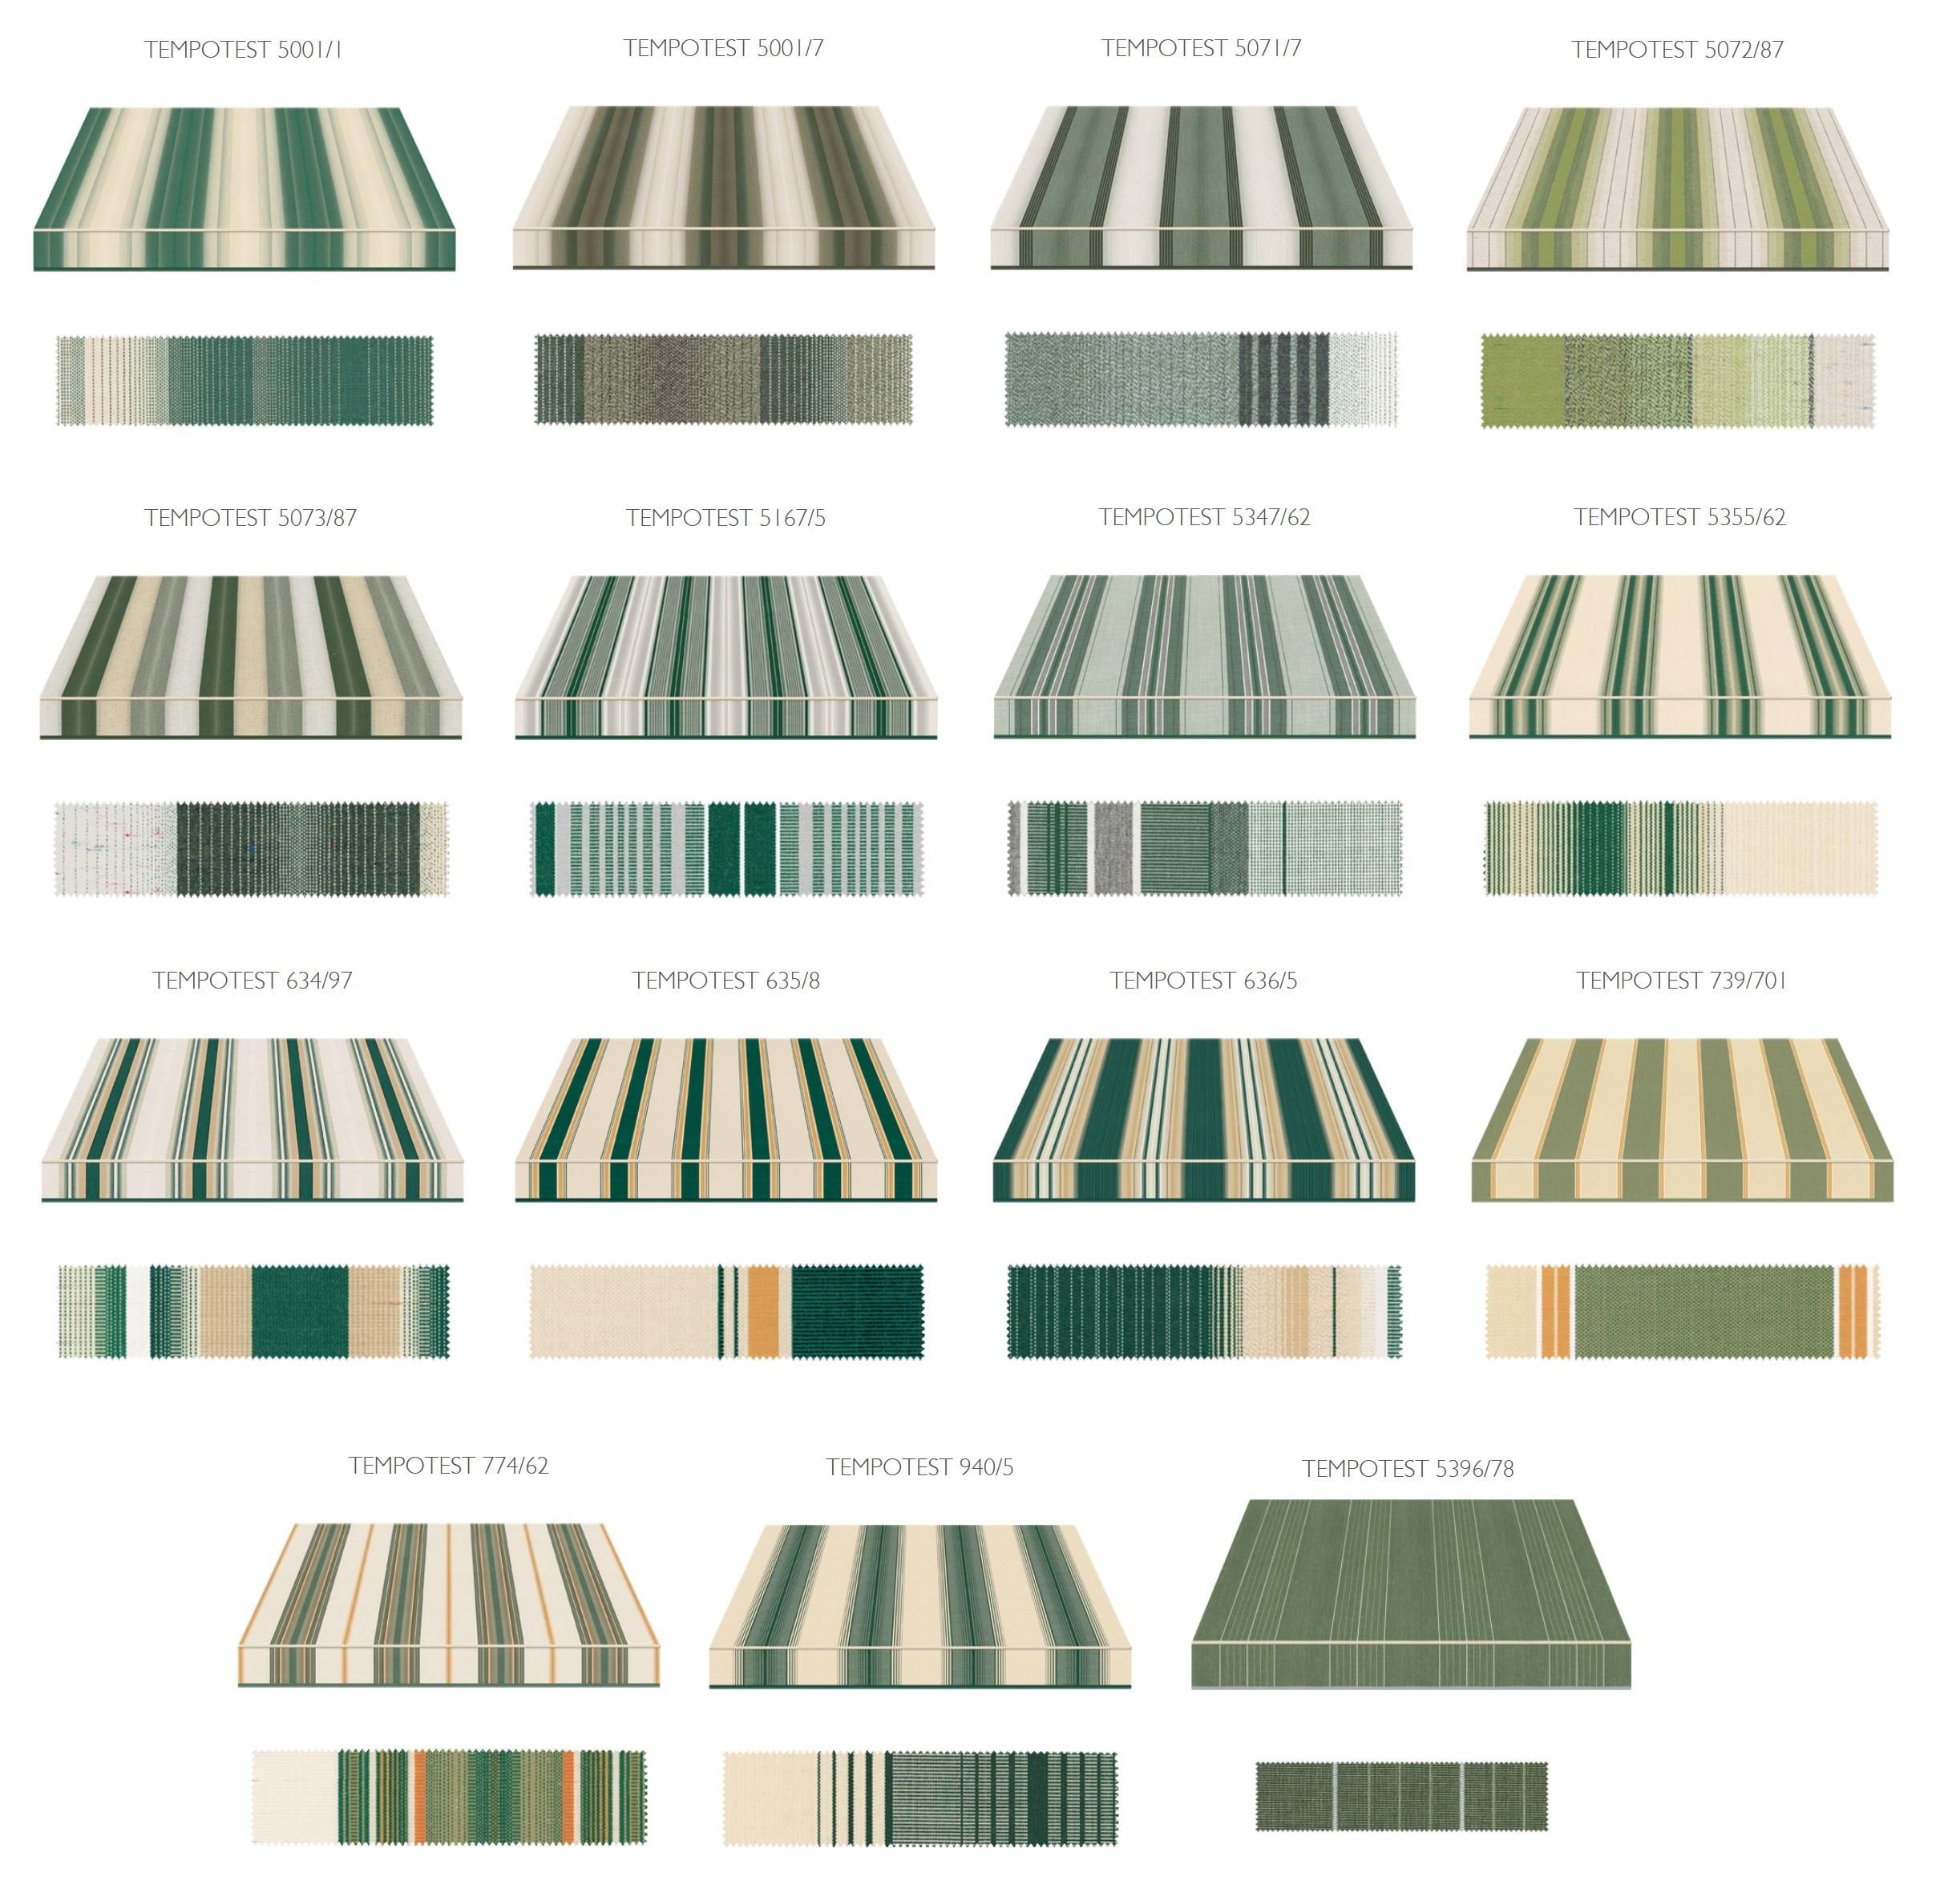 zeleni komplet boja za tende Adistrum